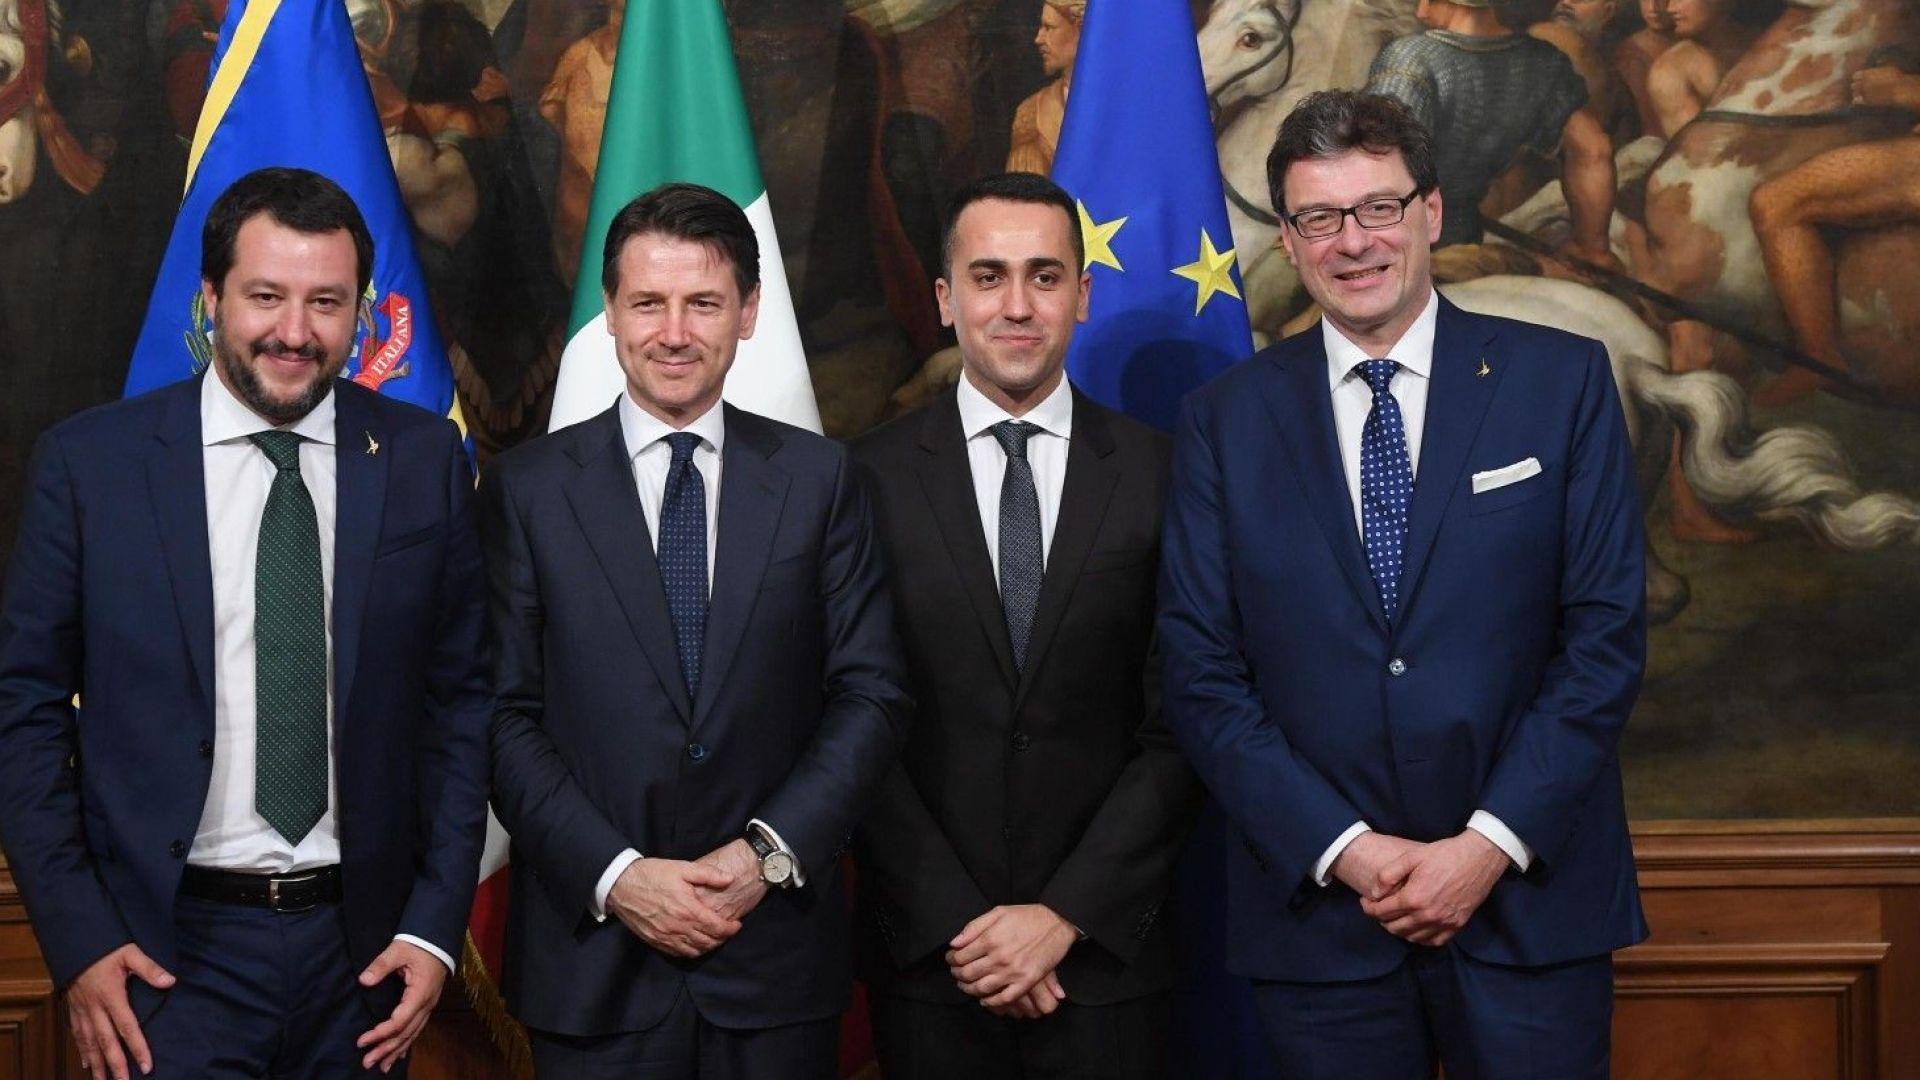 Първото антисистемно правителство в Западна Европа - италианското, положи клетва